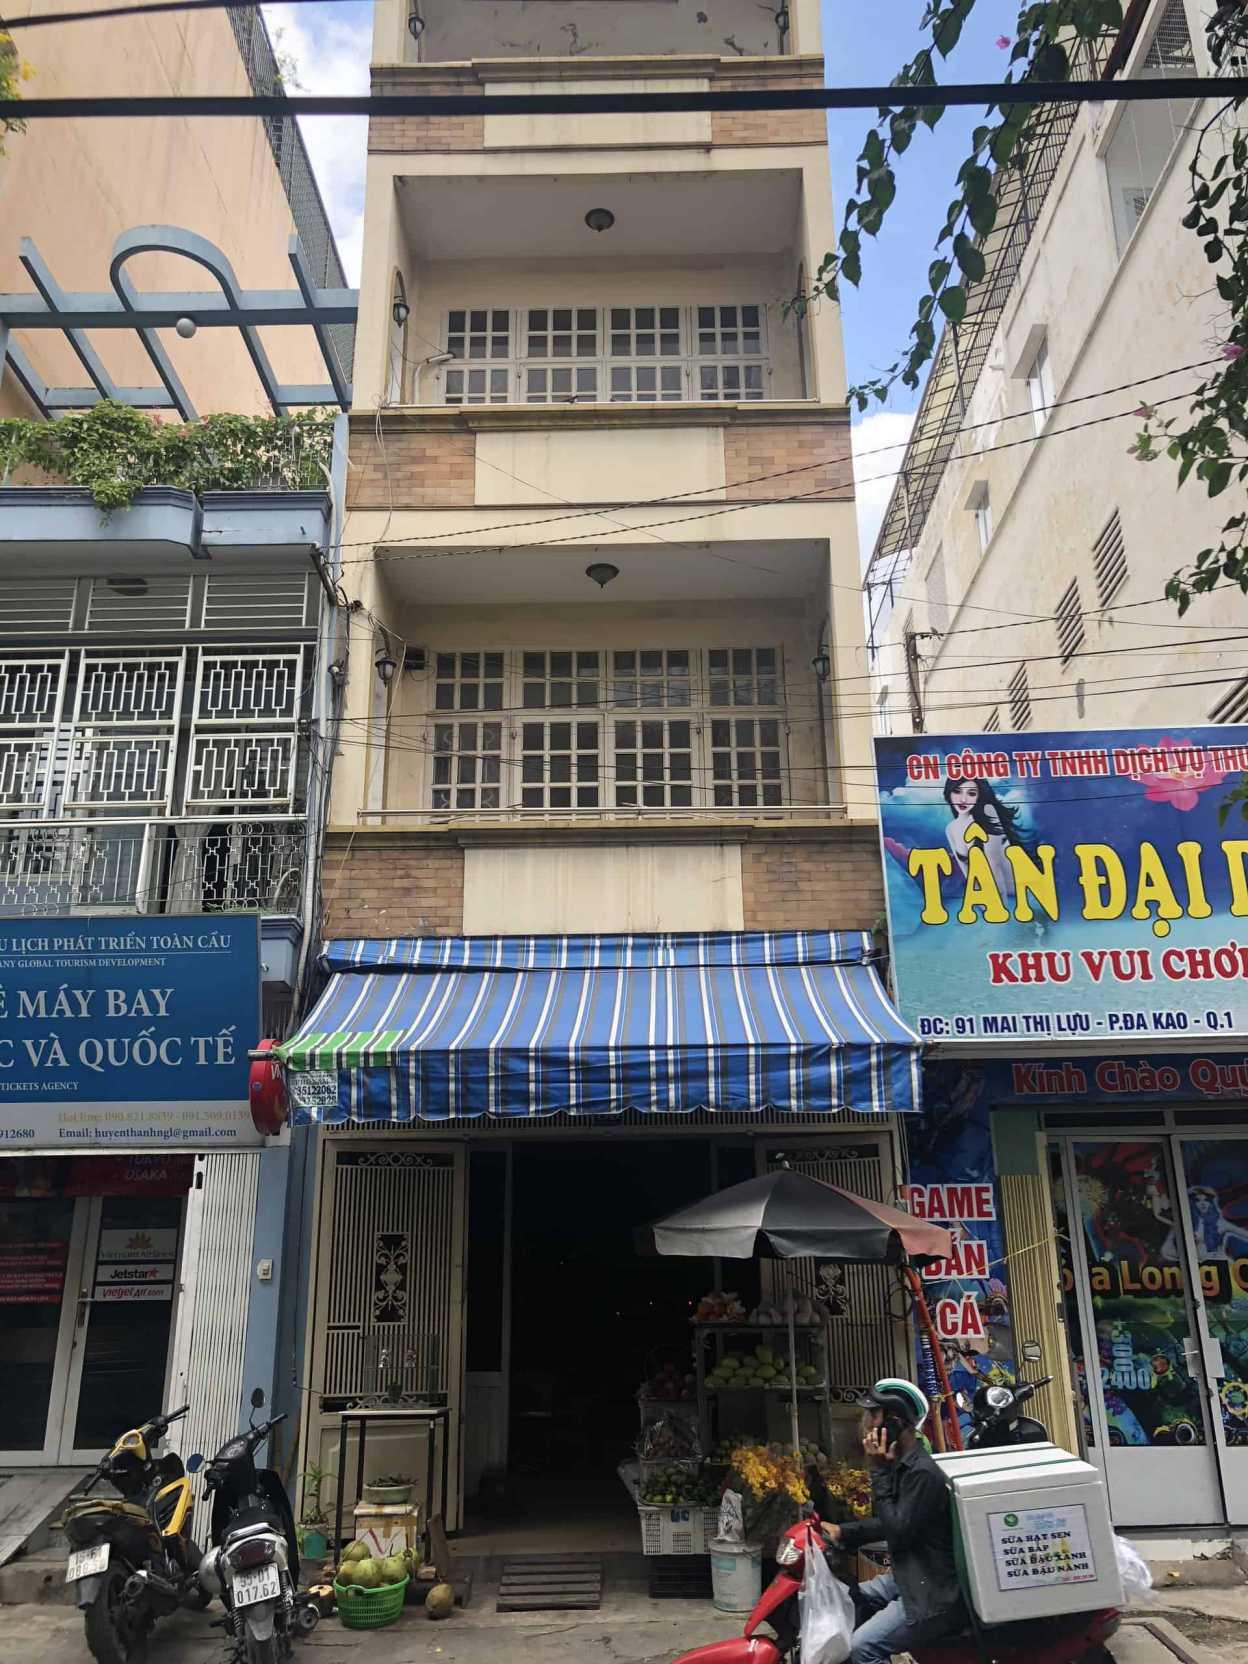 Đo vẽ hiện trạng, cải tạo căn hộ cho thuê Airbnb đường Mai Thị Lựu trước khi cải tạo 6